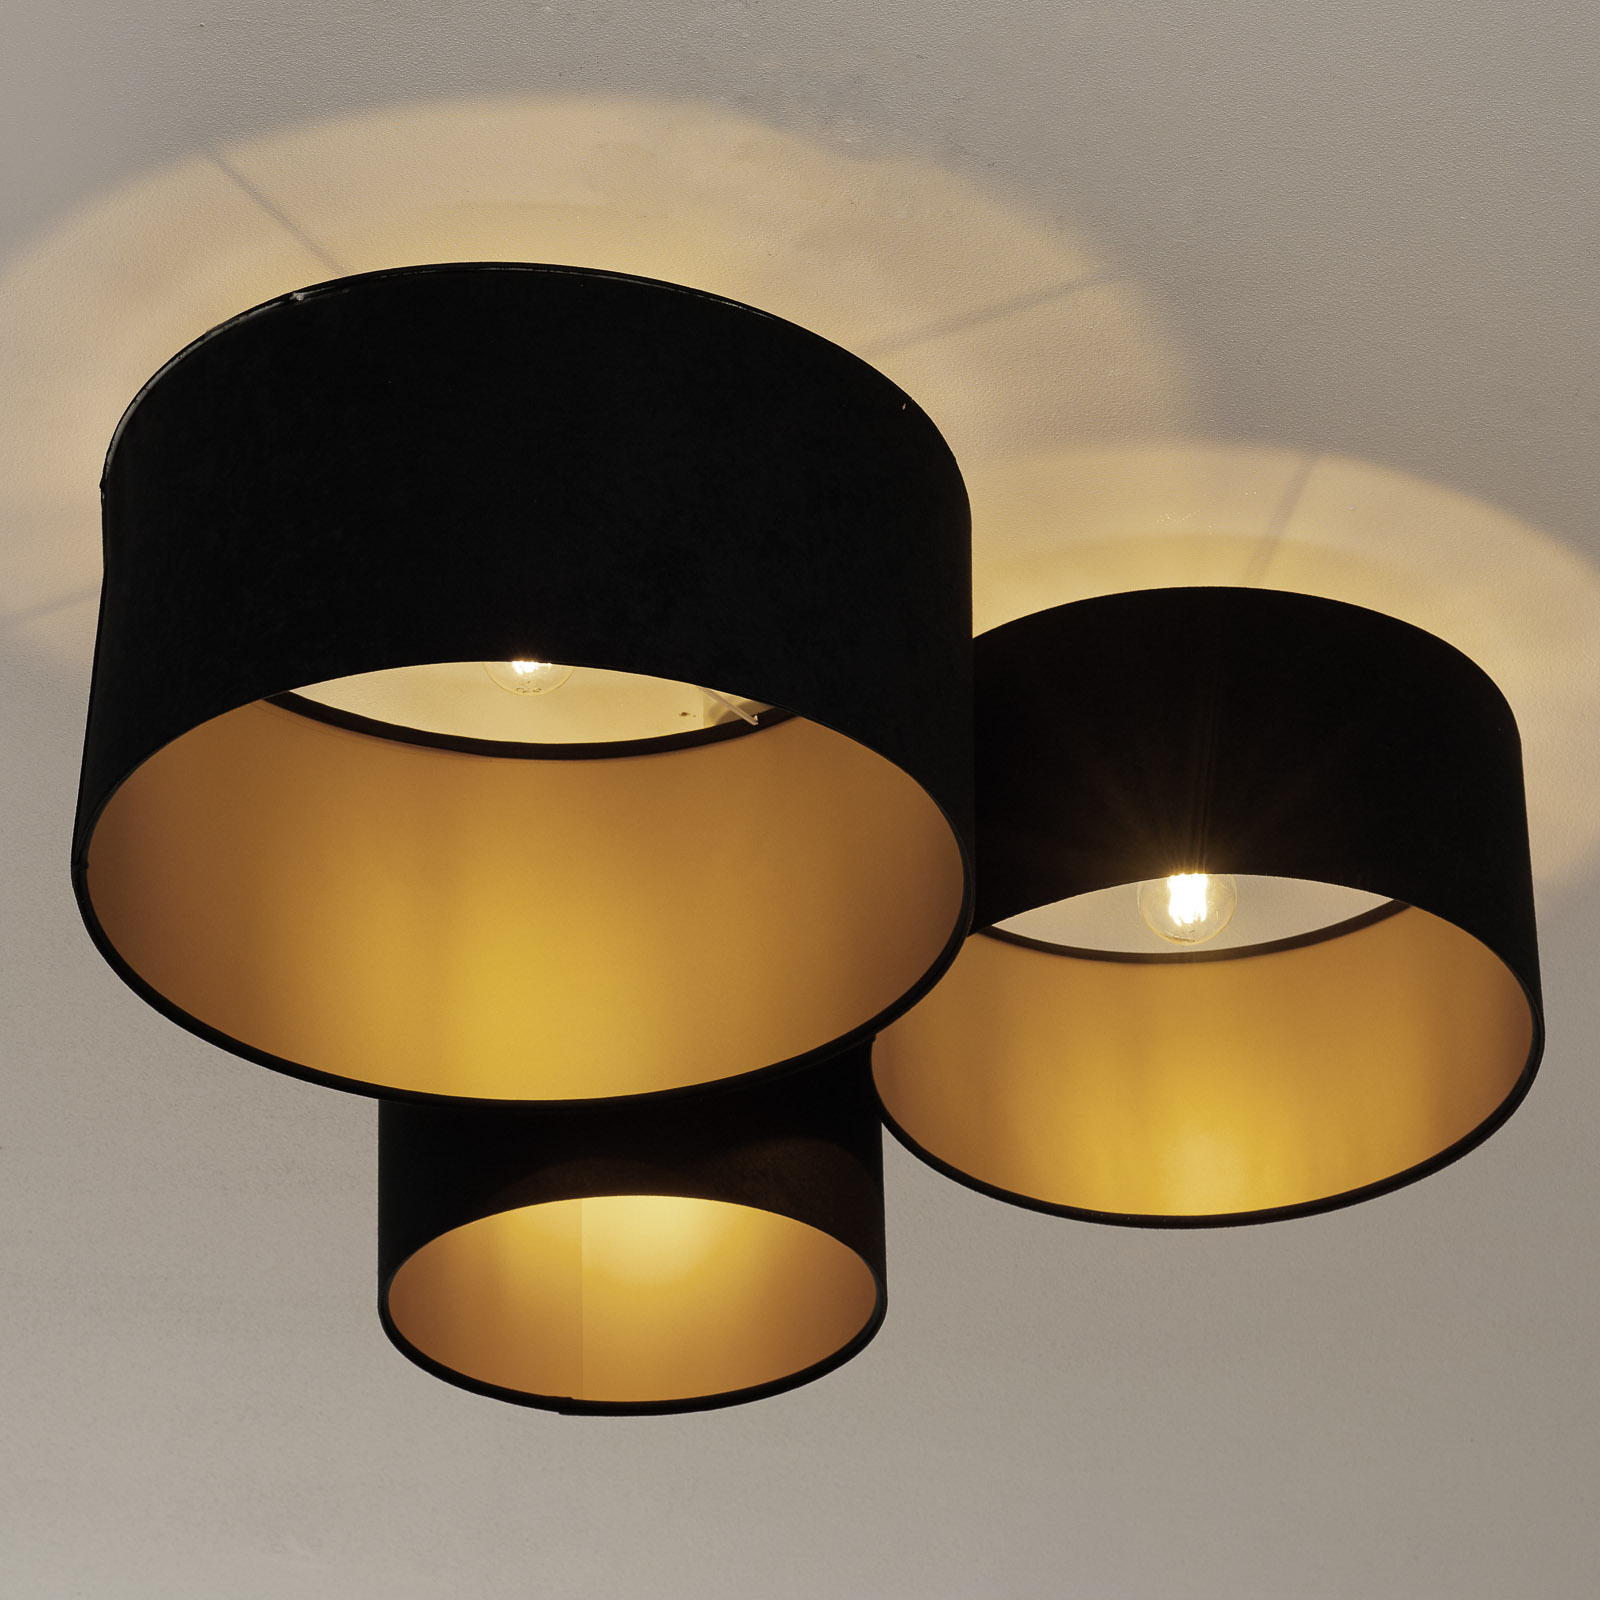 080-kattovalaisin, 3-lamppuinen, musta-kulta